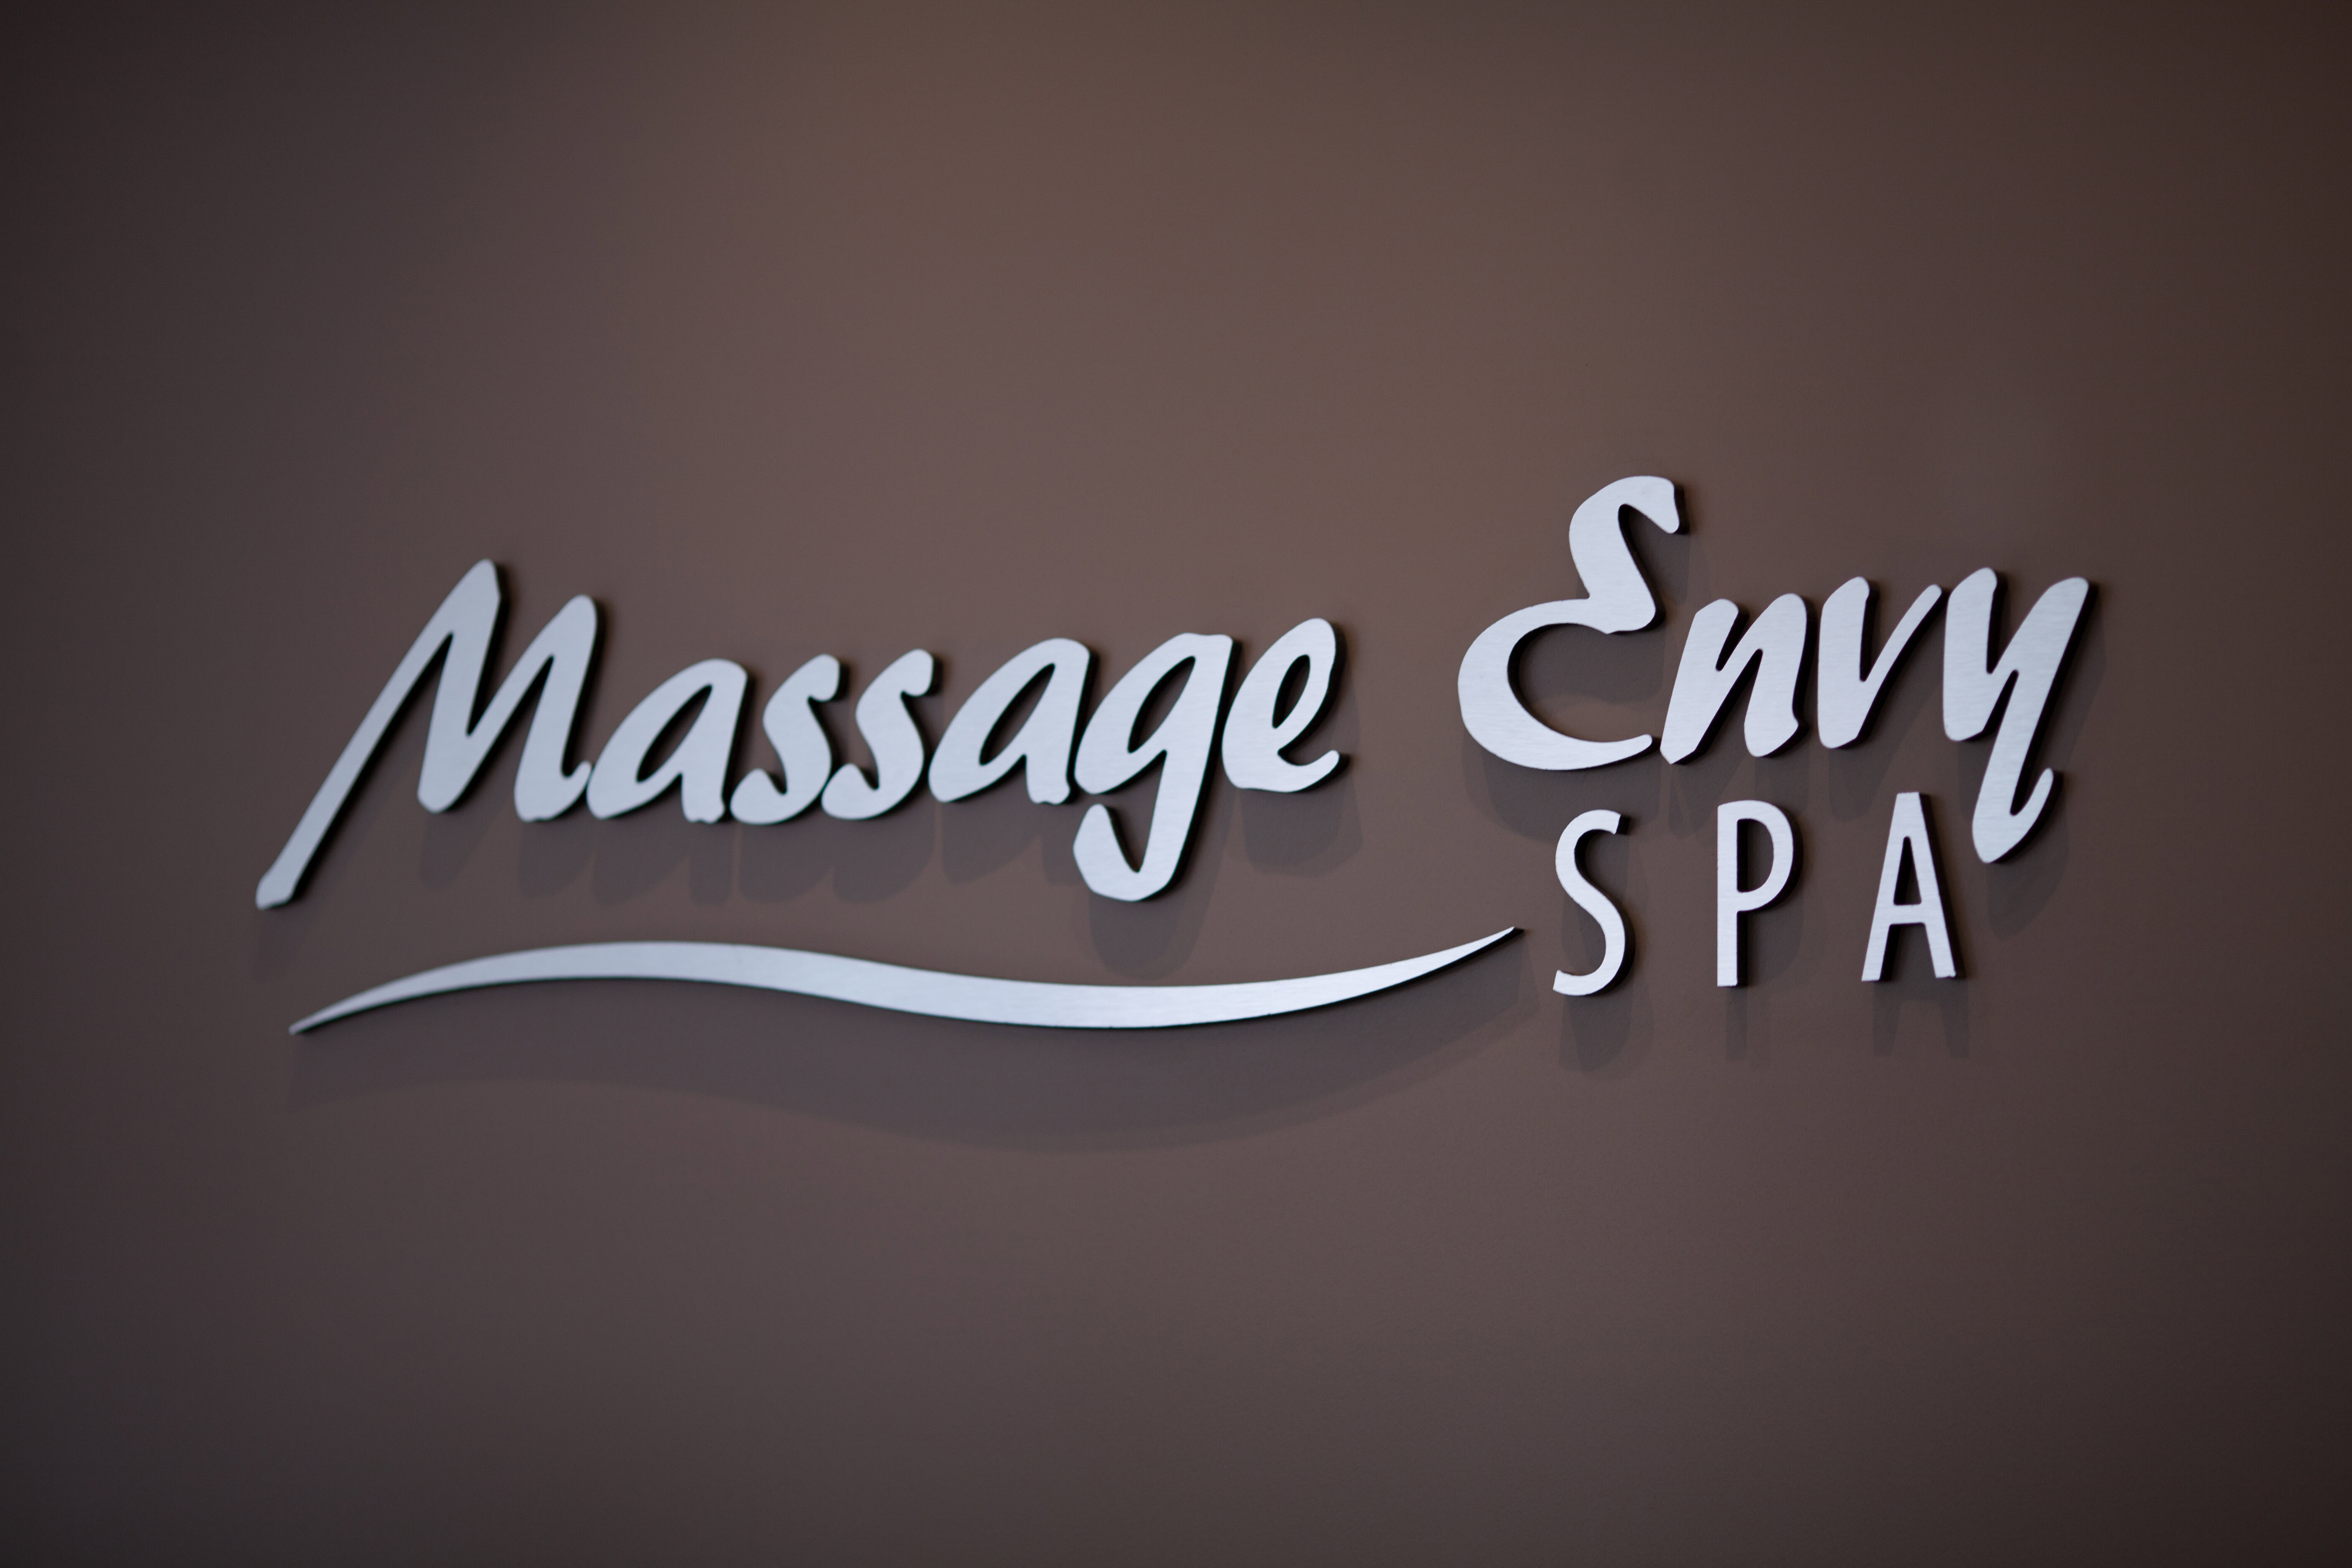 Massage Envy Spa - Madison - AL